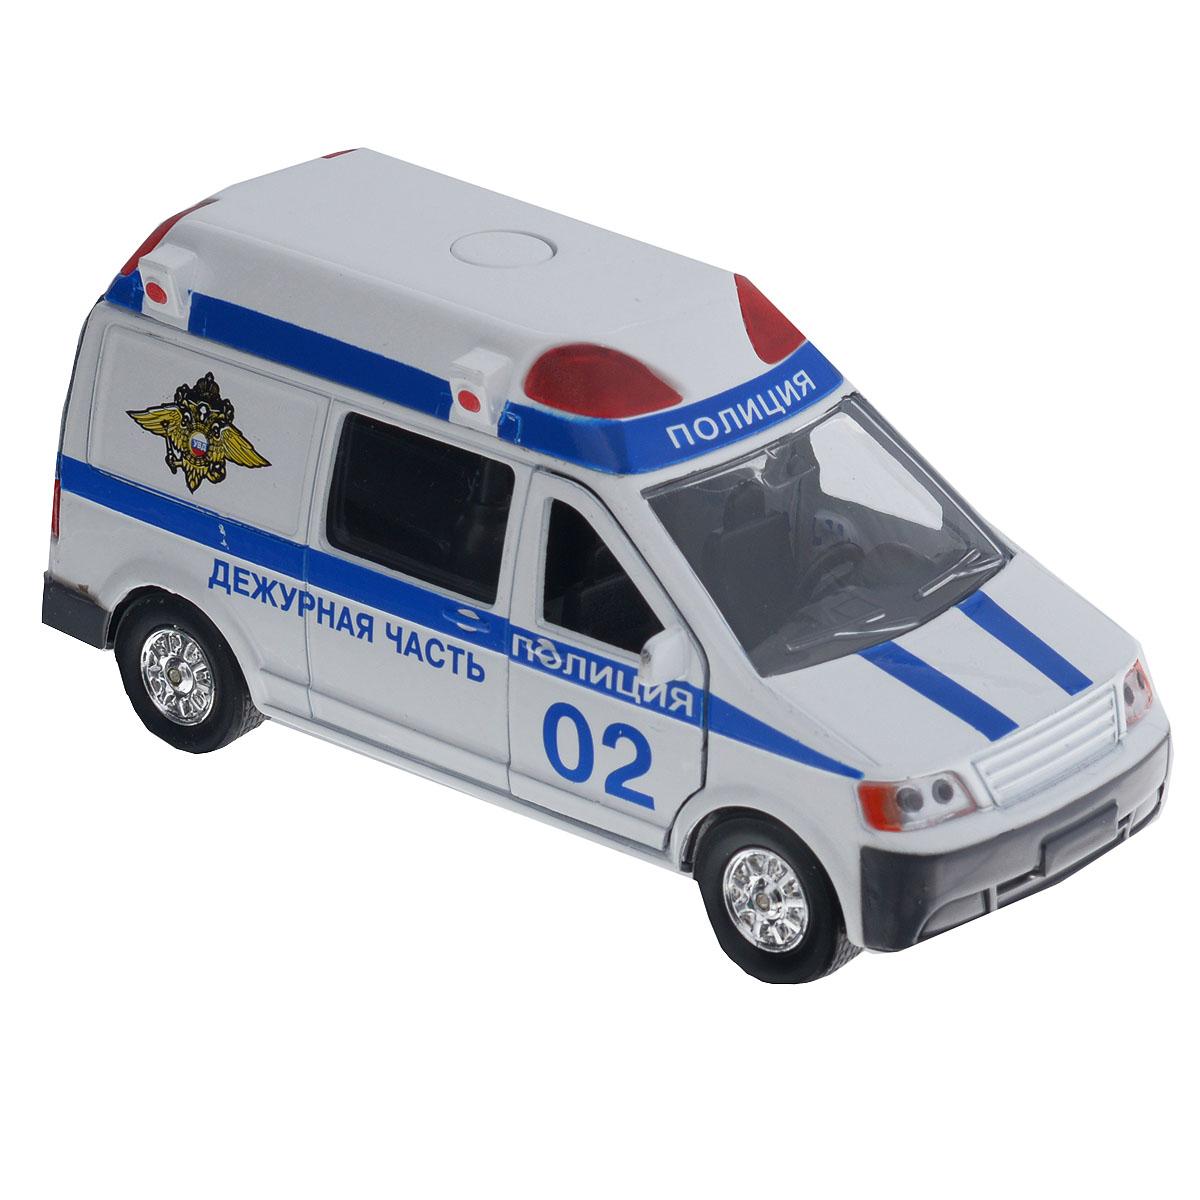 ТехноПарк Машинка инерционная Микроавтобус ПолицияCT-1167(SL1106C)Машинка ТехноПарк Микроавтобус: Милиция/Полиция, выполненная из безопасного пластика в виде полицейской машины, станет любимой игрушкой вашего малыша. У полицейского микроавтобуса открываются двери кабины и фургона. При нажатии кнопки, расположенной на крыше, начинают светиться мигалки под голос инспектора, сообщающего о необходимости снижения скорости. Игрушка оснащена инерционным ходом. Машинку необходимо отвести назад, затем отпустить - и она быстро поедет вперед. Прорезиненные колеса обеспечивают надежное сцепление с любой поверхностью пола. Ваш ребенок будет часами играть с этой машинкой, придумывая различные истории. Порадуйте его таким замечательным подарком! Игрушка работает от батареек (товар комплектуется демонстрационными).